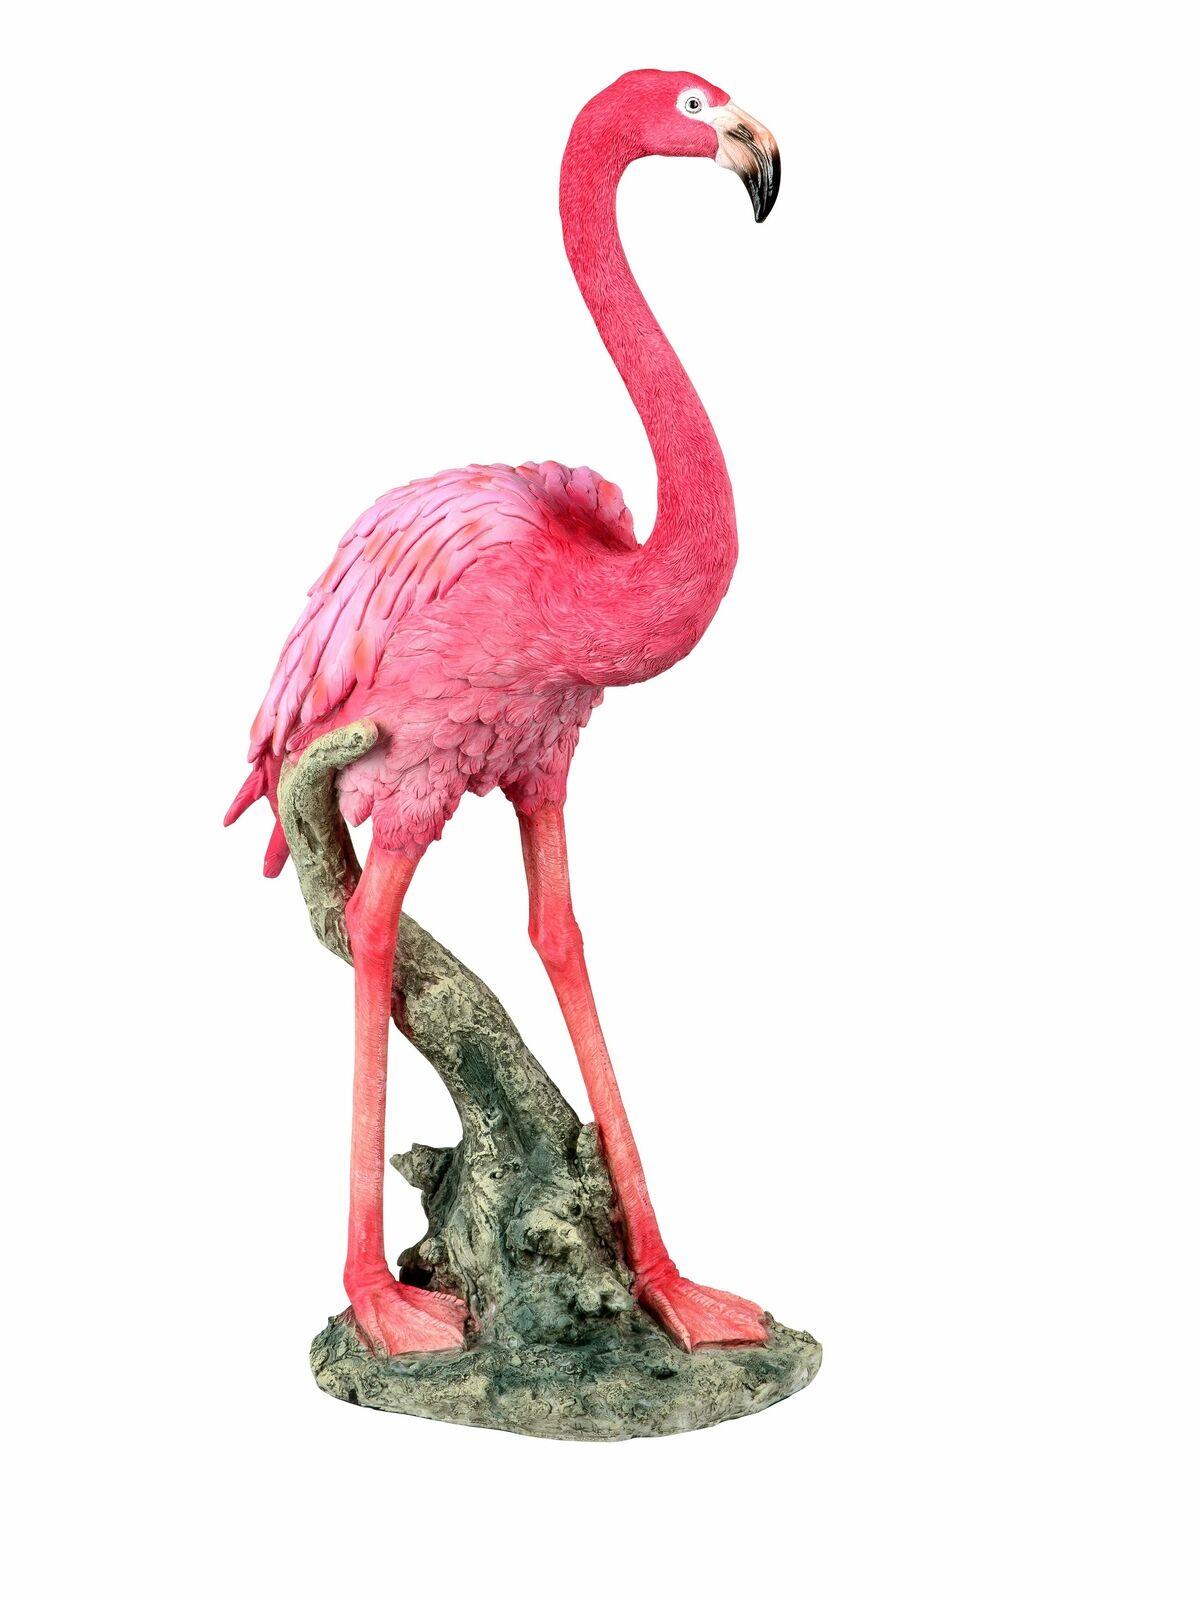 Moderna Scultura Da Giardino Giardino Figura Scultura FLAMINGO da arte pietra rosa altezza 53